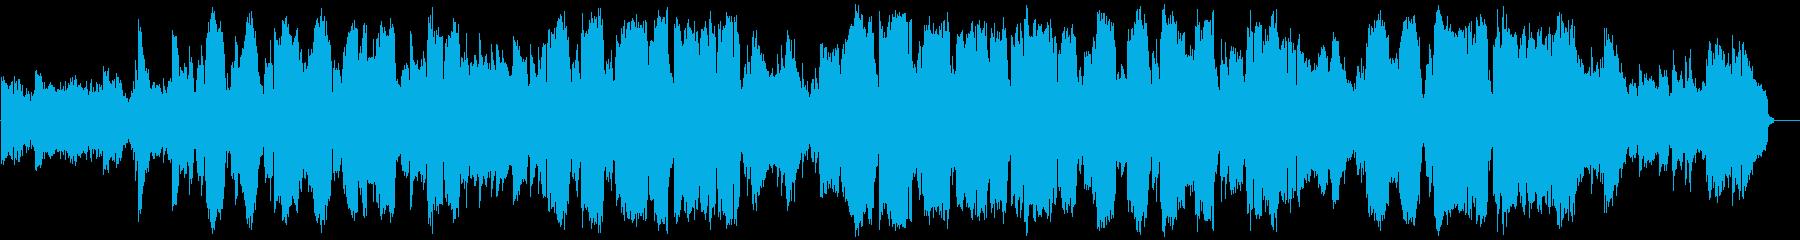 京都の帯製作者の作品を見てその印象を曲…の再生済みの波形